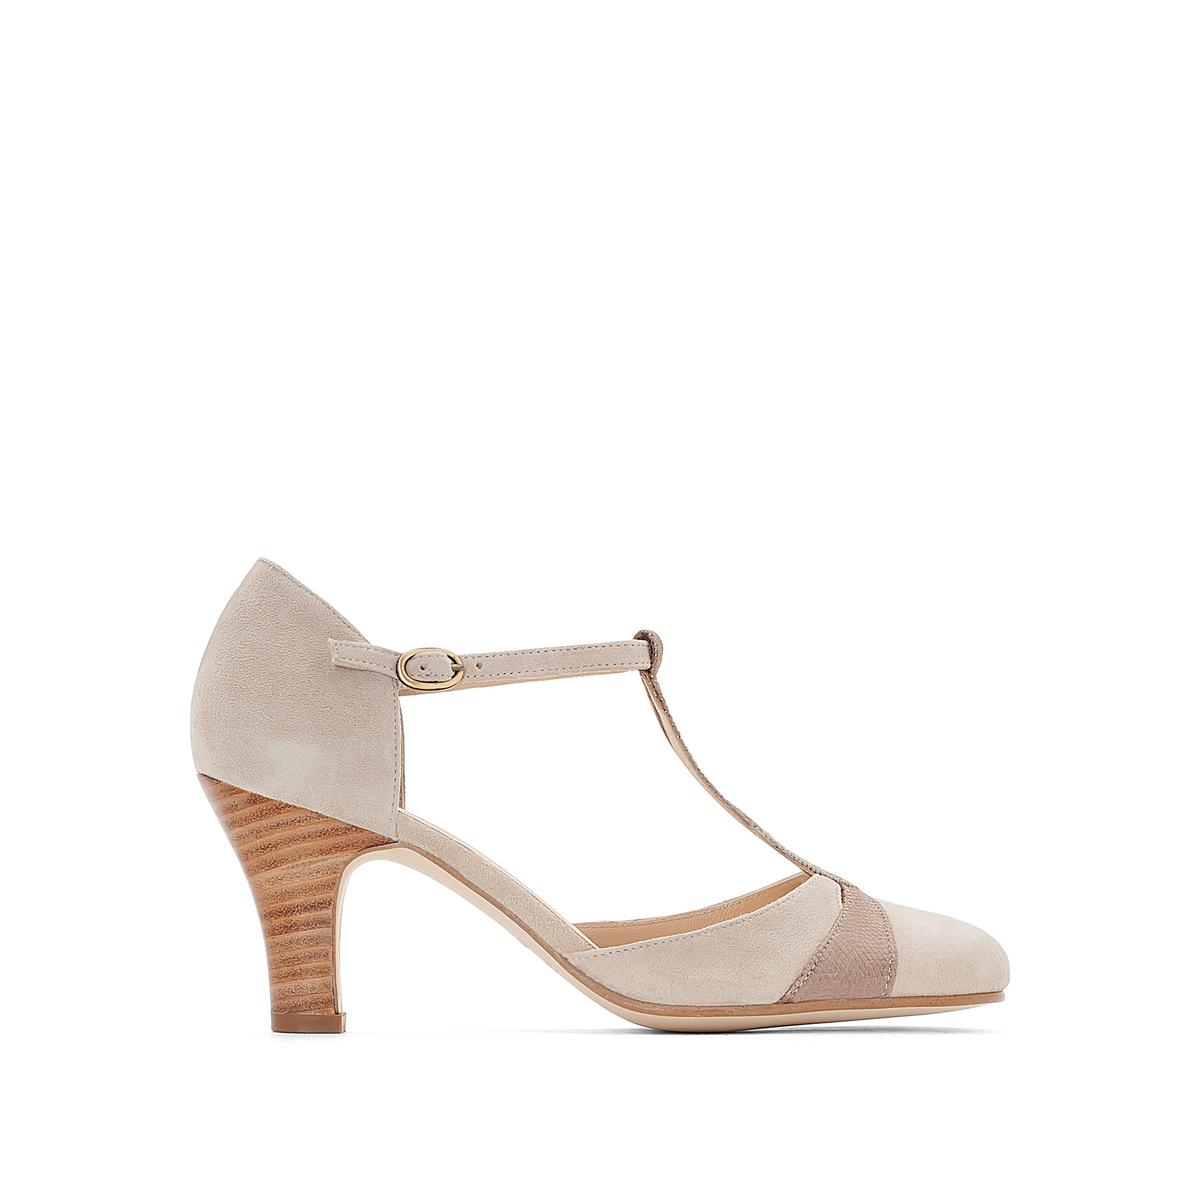 Туфли кожаные велюровые 11076Верх : Кожа.   Подкладка : Кожа.   Стелька : Кожа.   Подошва : эластомер   Высота каблука : 5 см   Форма каблука : тонкий каблук   Мысок : закругленный   Застежка : пряжка.<br><br>Цвет: серо-коричневый<br>Размер: 40